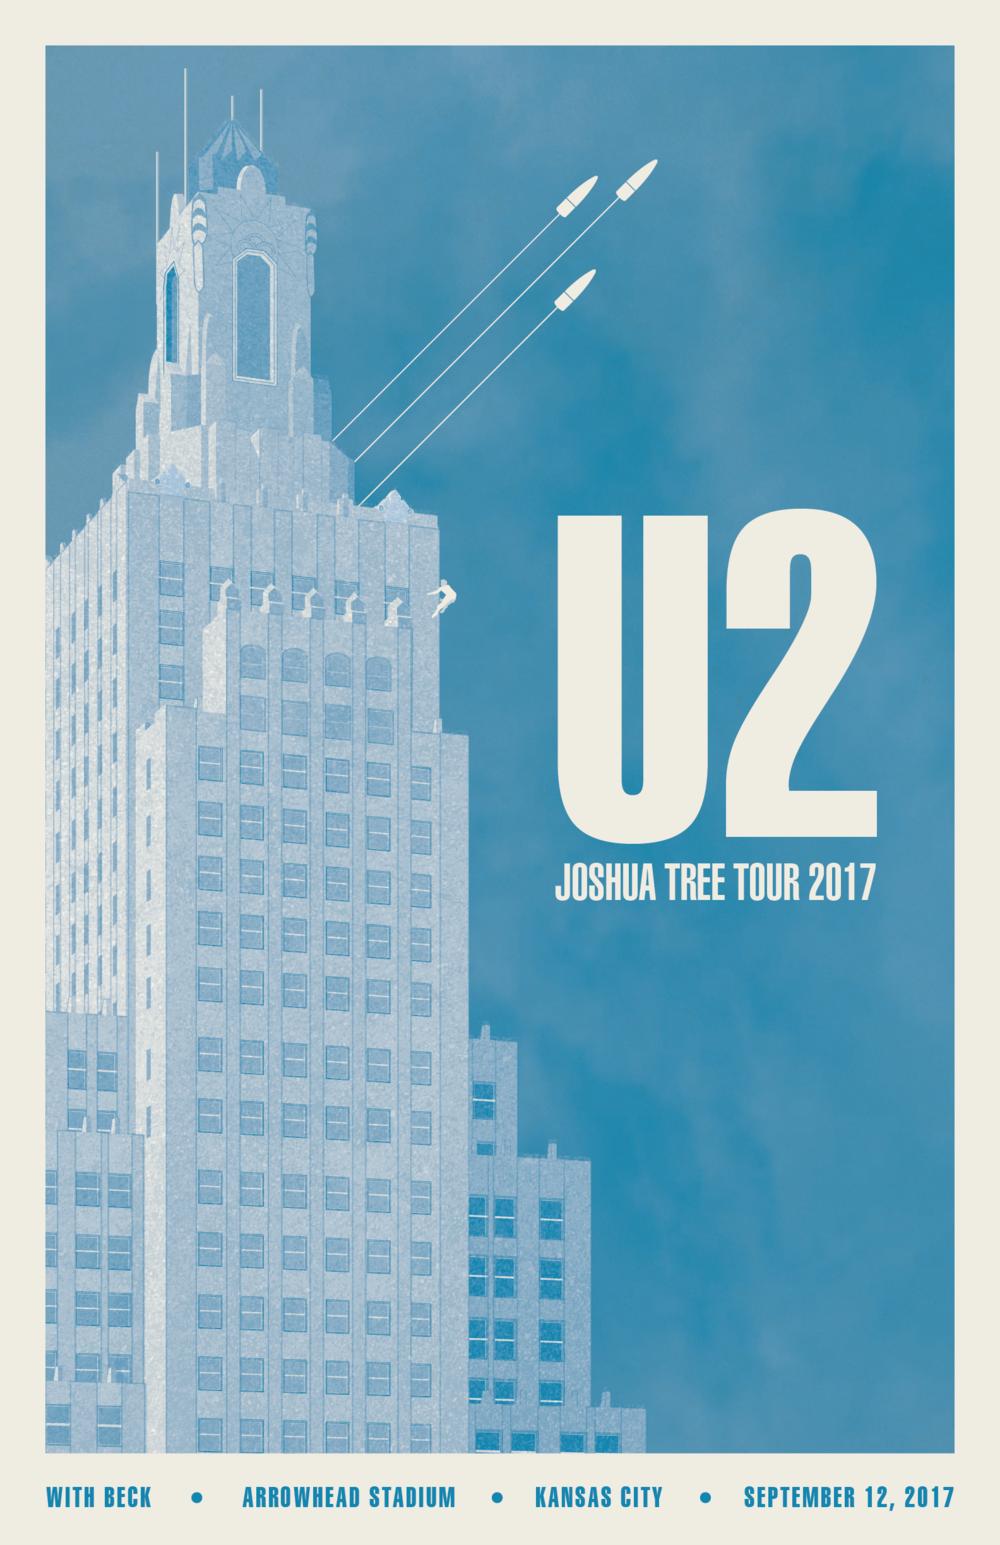 u2-joshua-tree-kansas-city-arrowhead-stadium-gig-poster.png